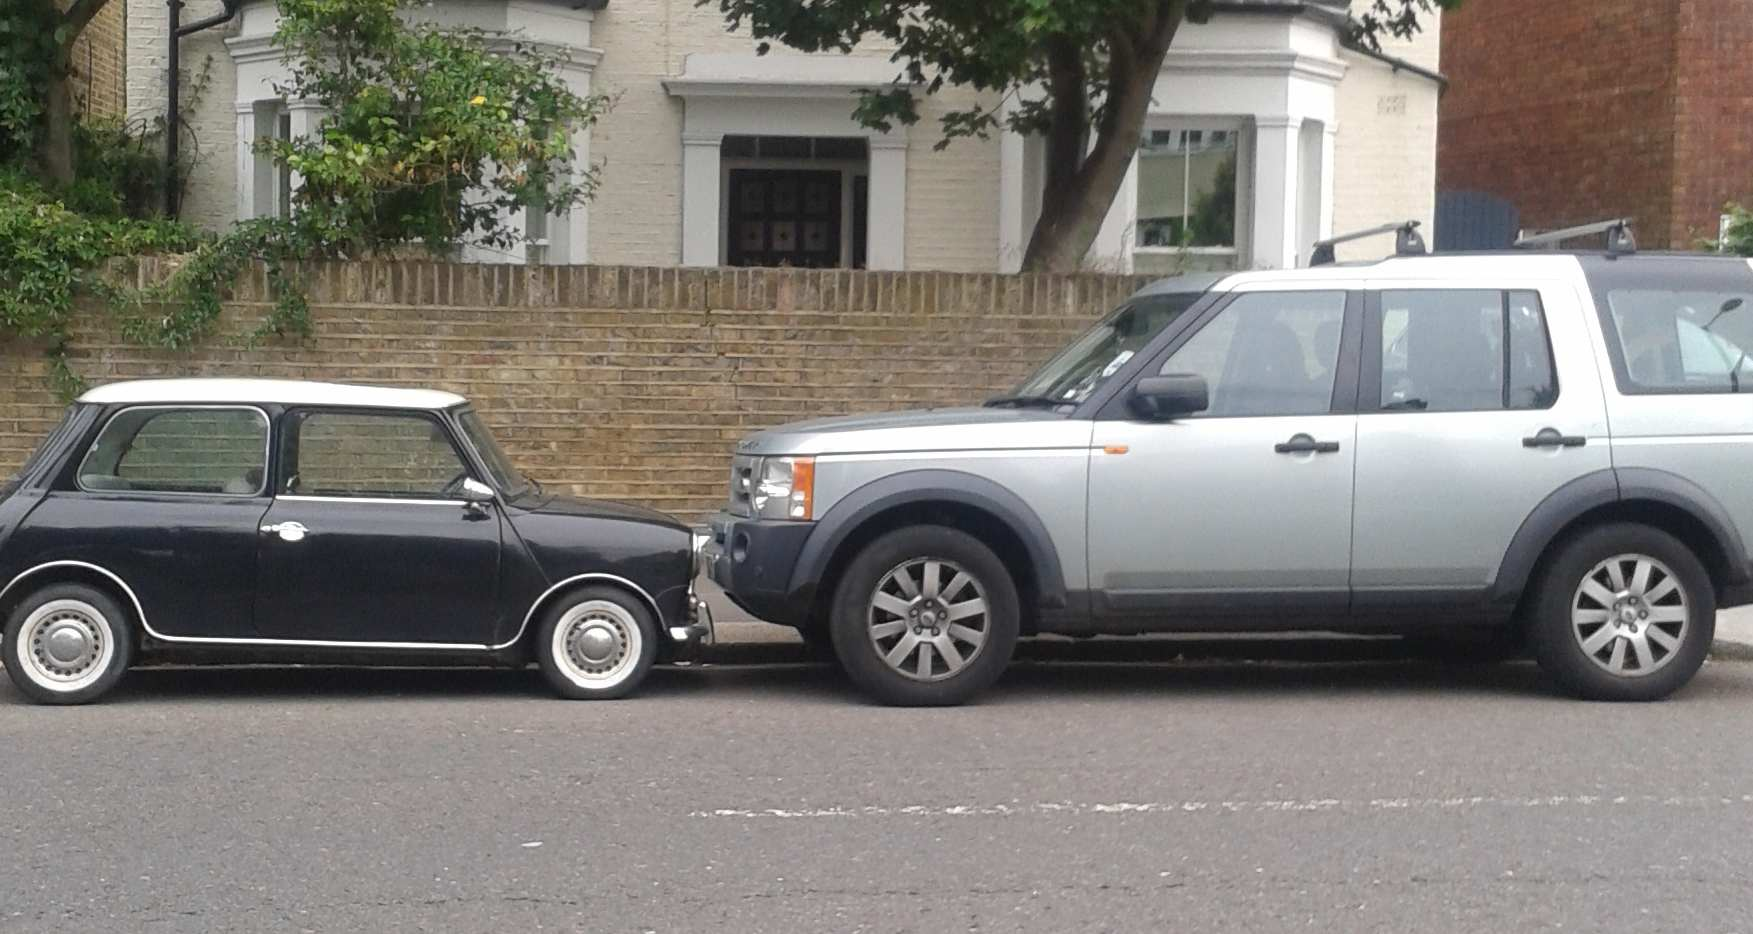 El gran problema de seguridad de los coches grandes